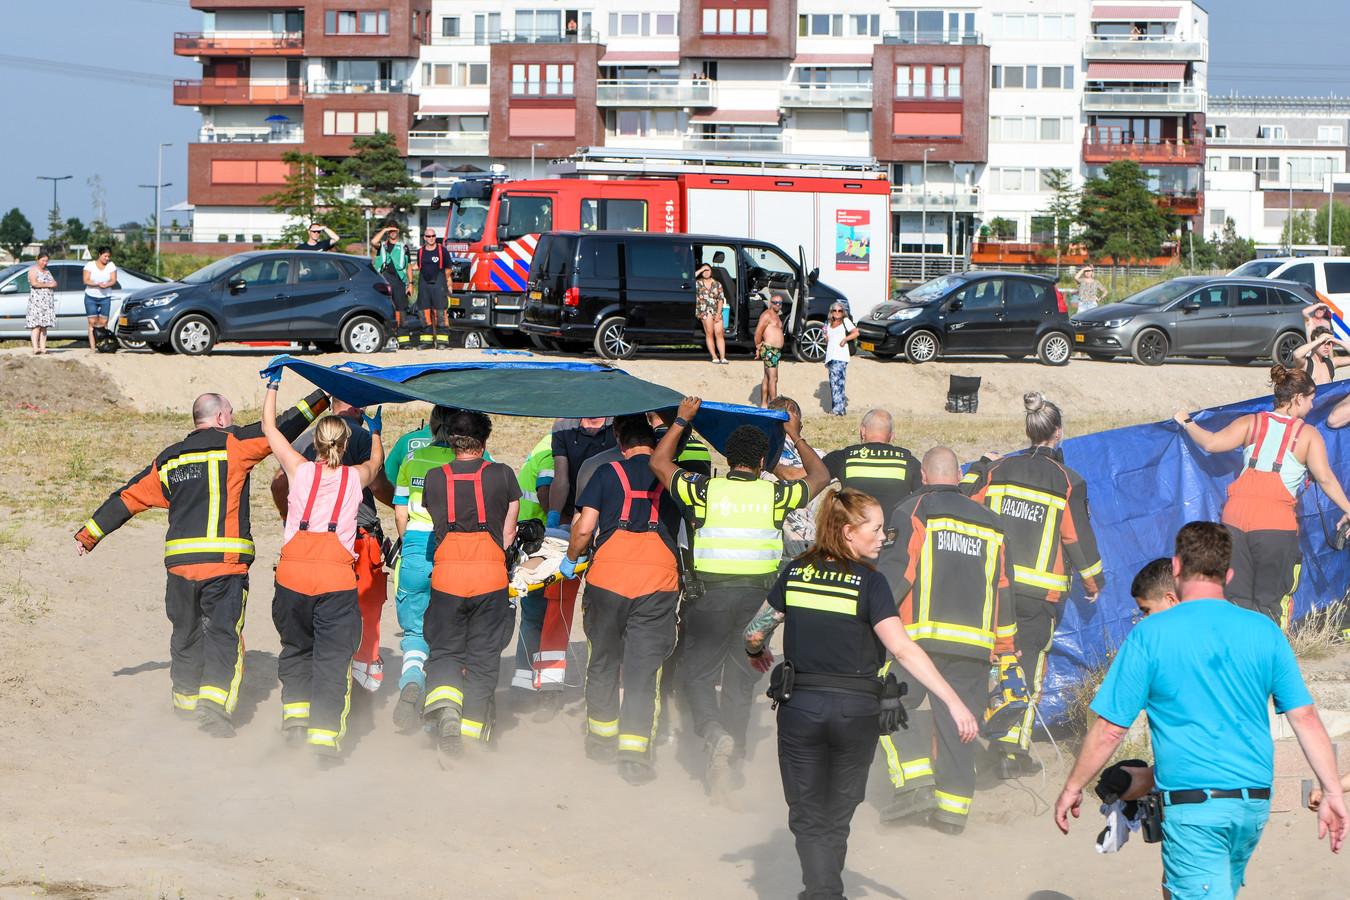 In de Zevenhuizerplas, bij het strand van Nesselande, is een jonge drenkeling uit het water gehaald. Later op de dag verdronk een 25-jarige man in het water bij Nesselande.